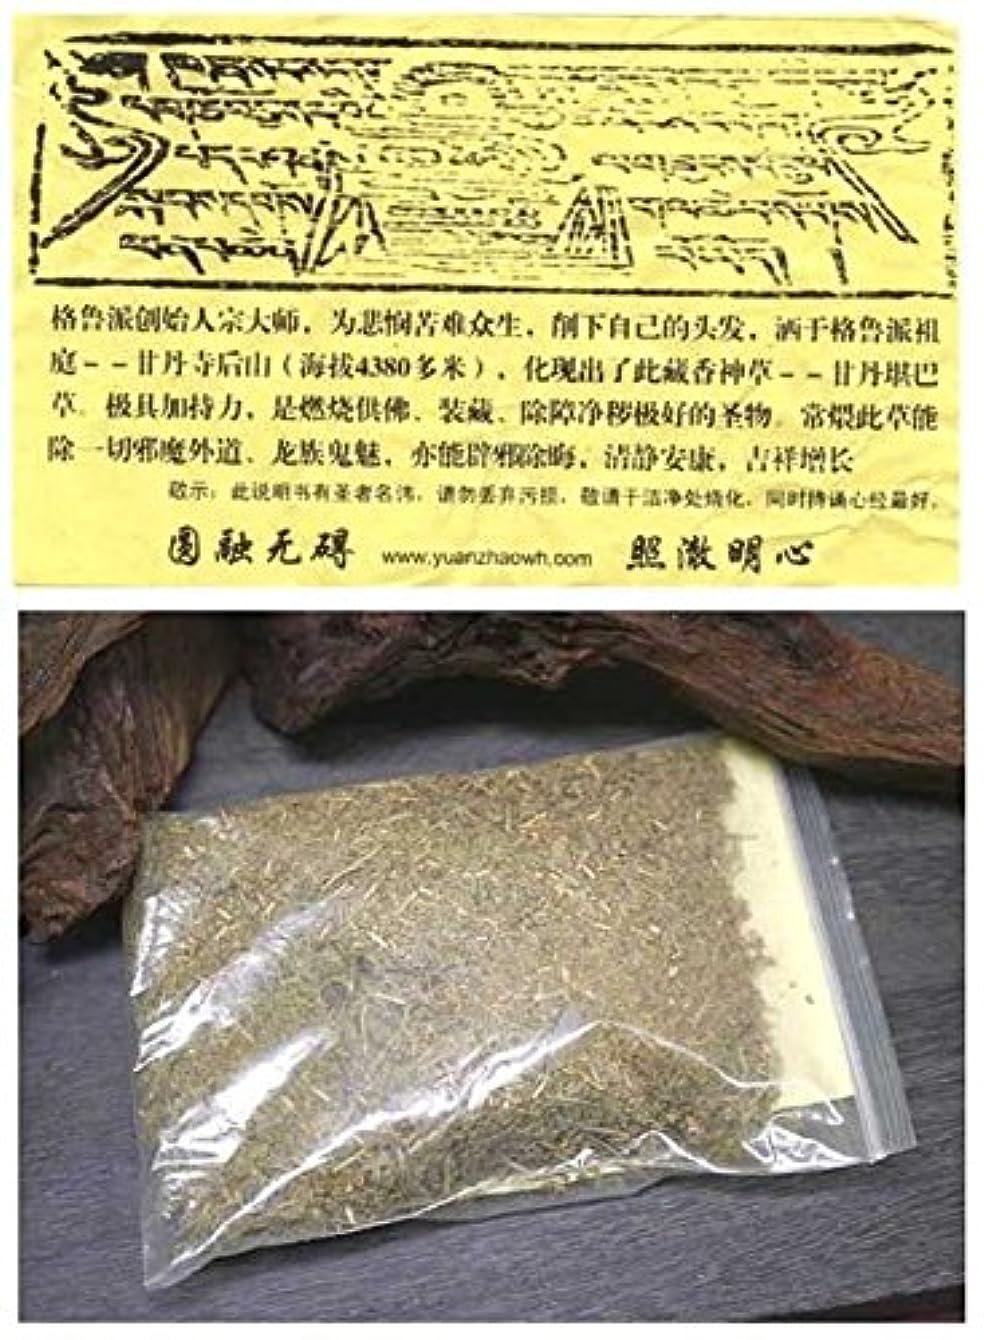 荷物ボトルネック持ってる照文化 チベットのガンデン寺近くで採取される神草のお香【甘丹堪巴草】 照文化